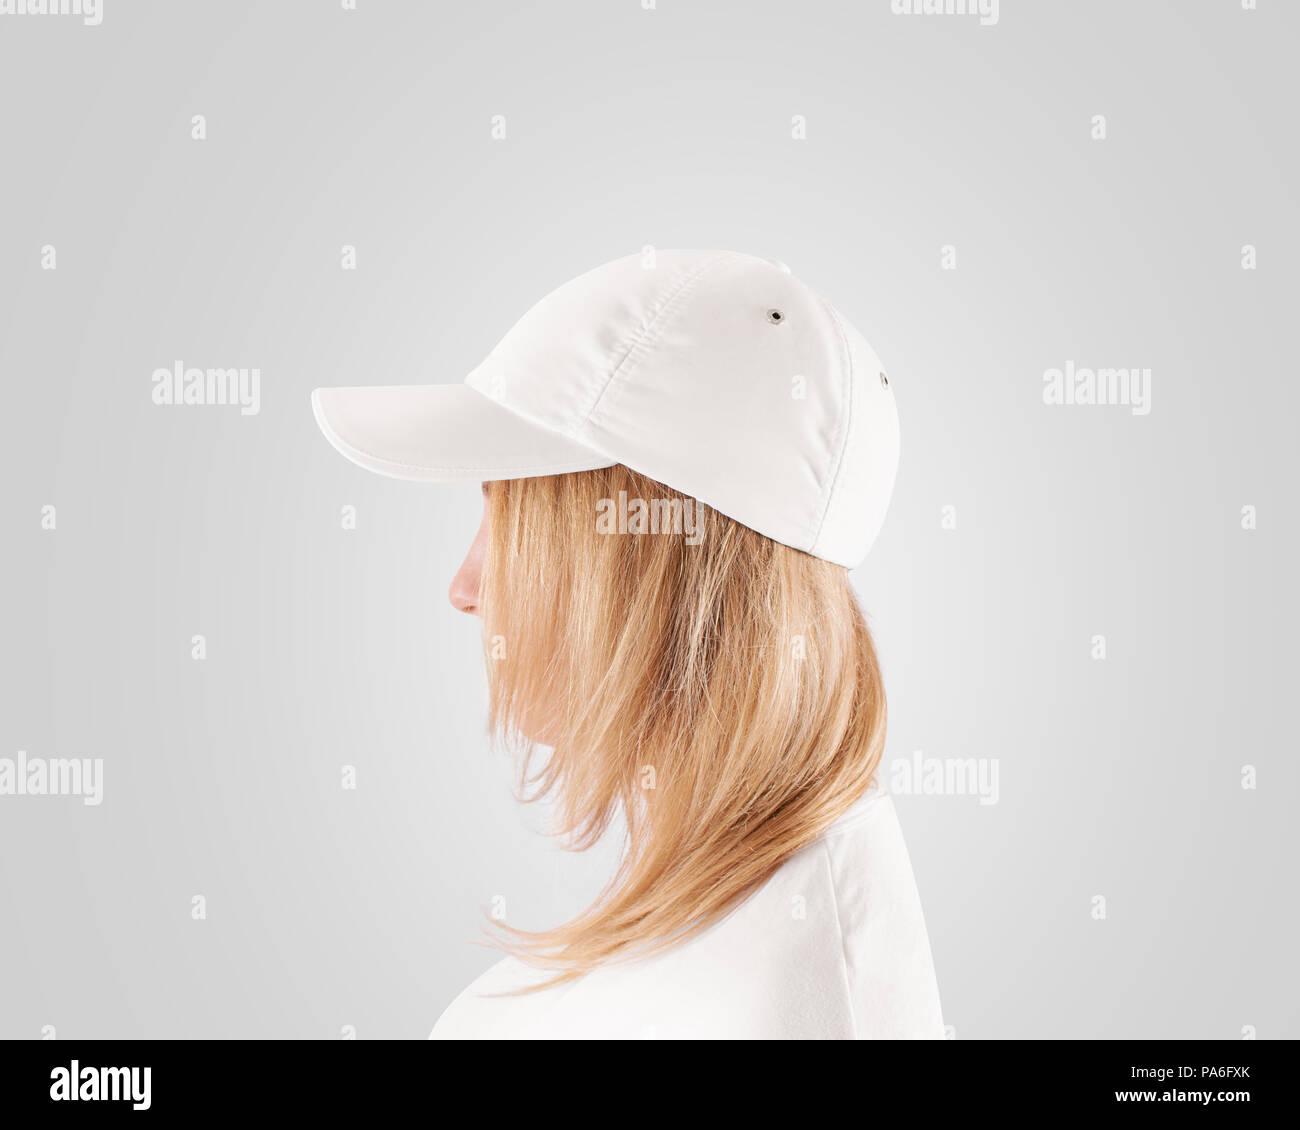 Mujer con sombrero claro y camiseta uniforme celebración de maquetas de  gorras de visera. 1e630f435d0